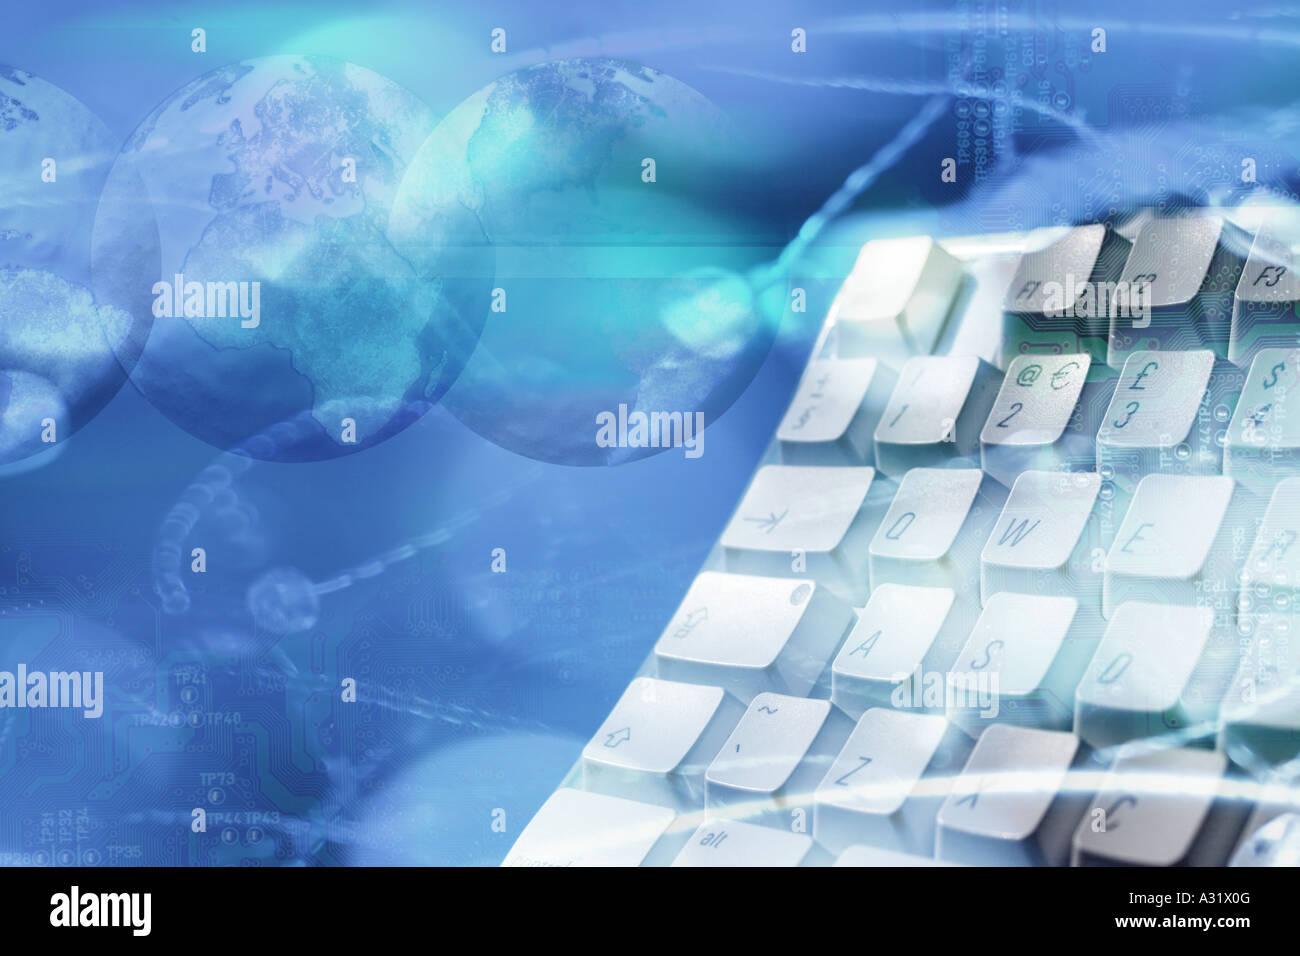 Montaje del teclado del ordenador y globos Imagen De Stock